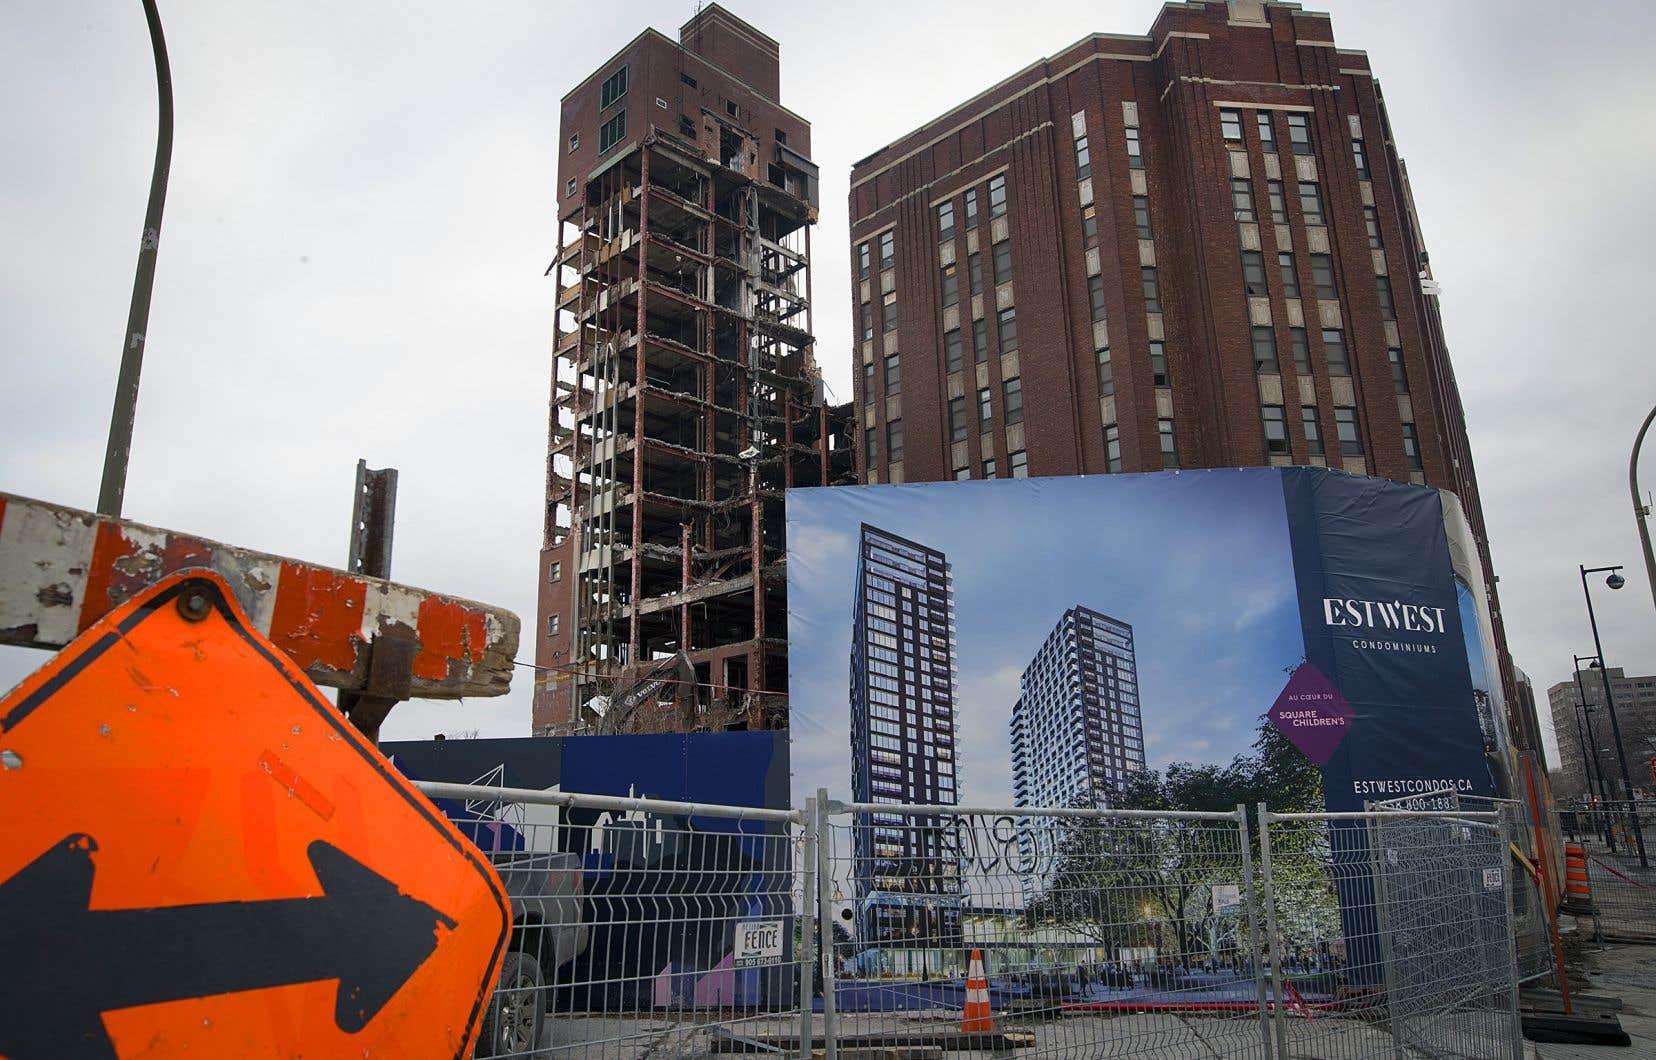 Le promoteur Devimco prévoit de construire des tours d'habitation de 20 à 32 étages sur le site de l'ancien Hôpital de Montréal pour enfants.